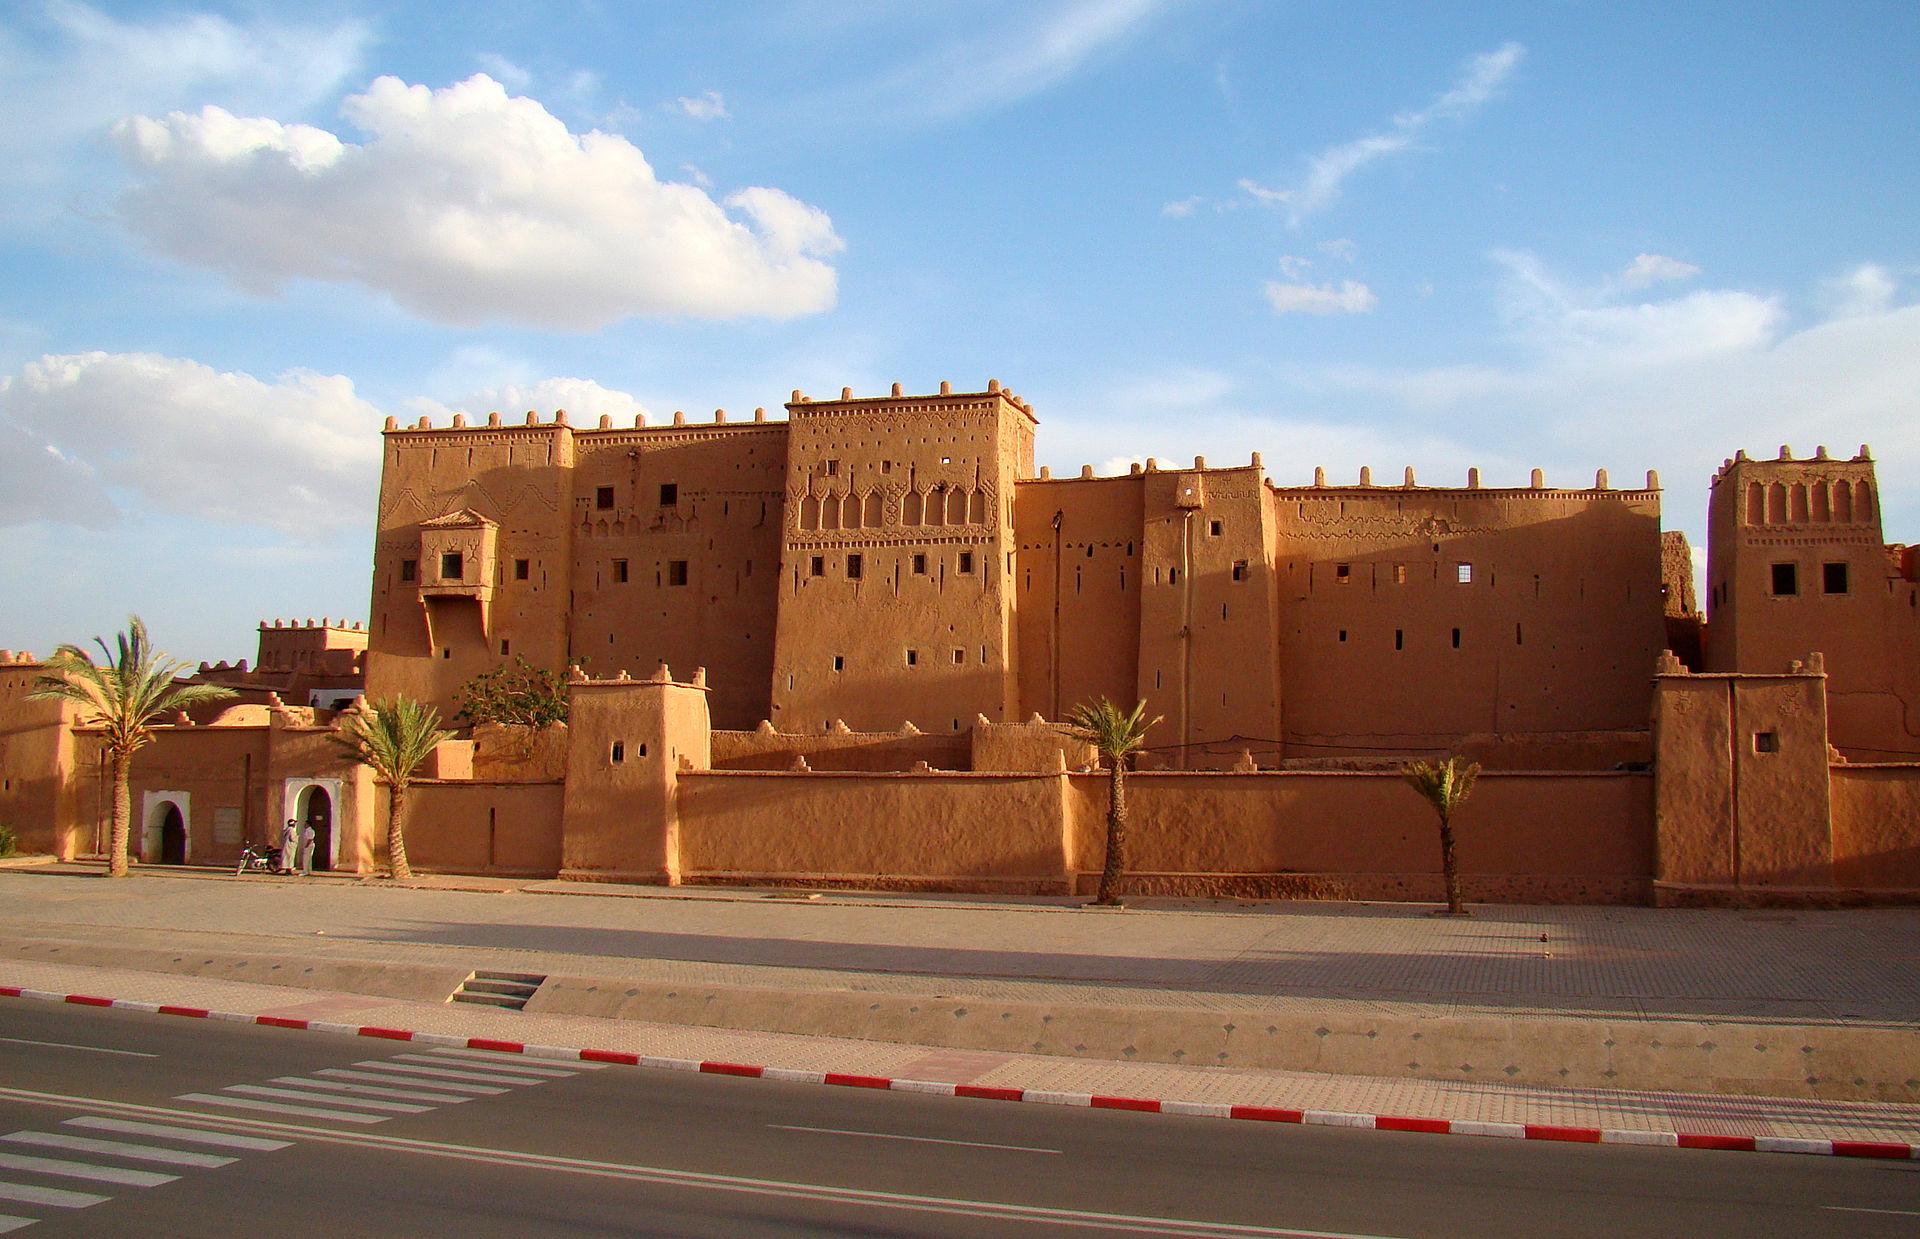 Située à la porte du désert du Sahara, Ouarzazate est trop enclavée selon les pros du tourisme - Crédit photo : Bjørn Christian Tørrissen